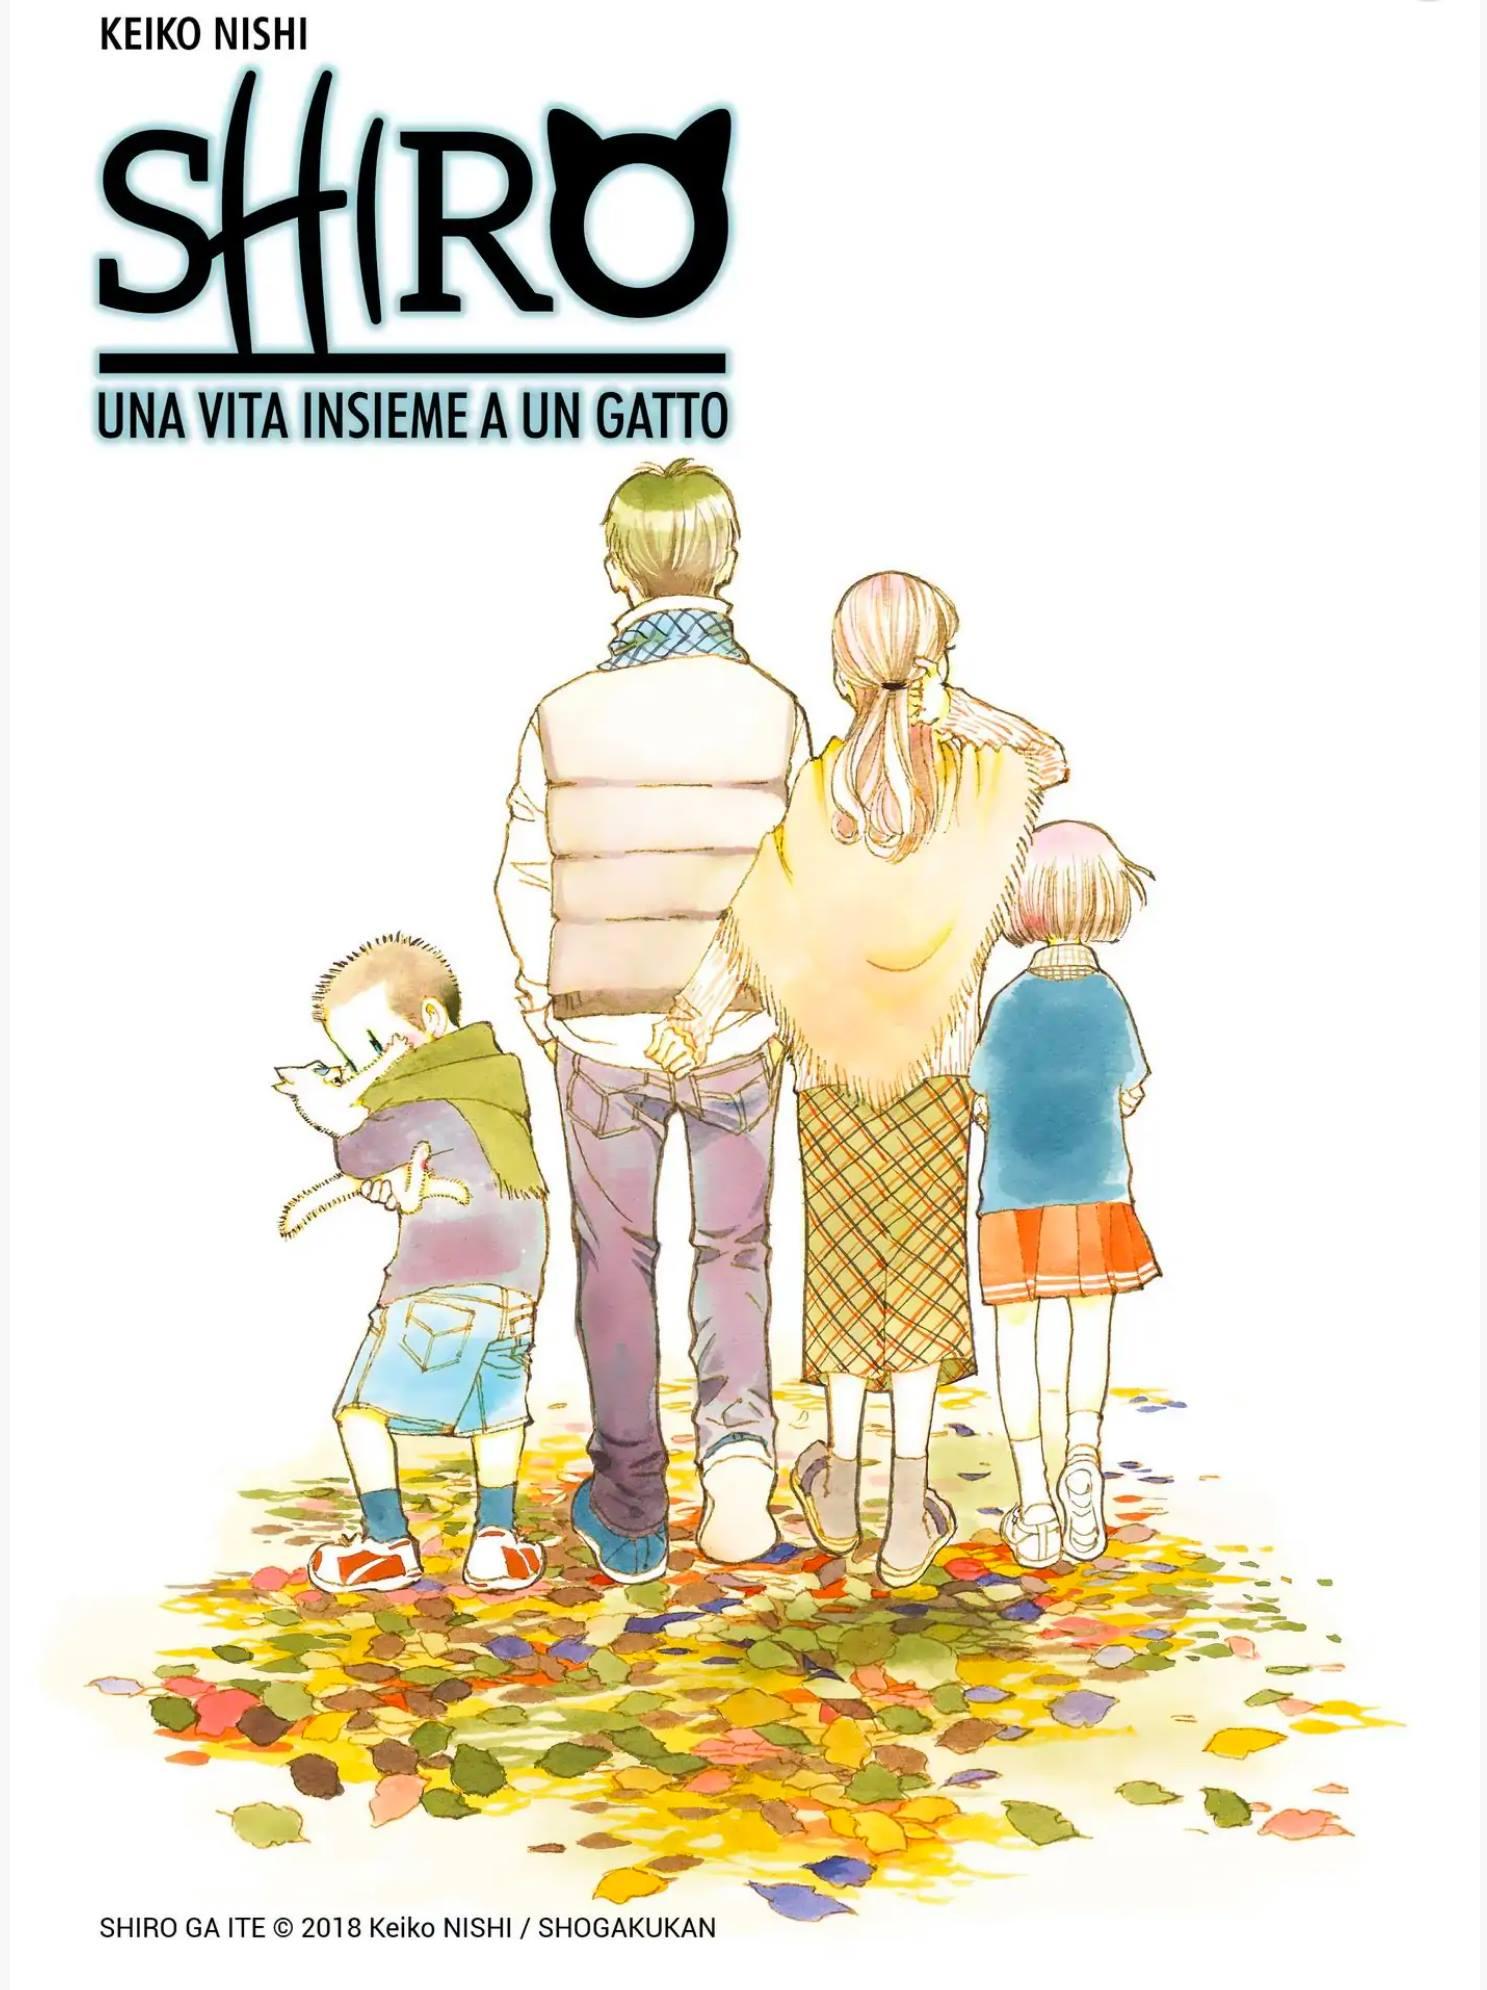 SHIRO, UNA VITA INSIEME A UN GATTO